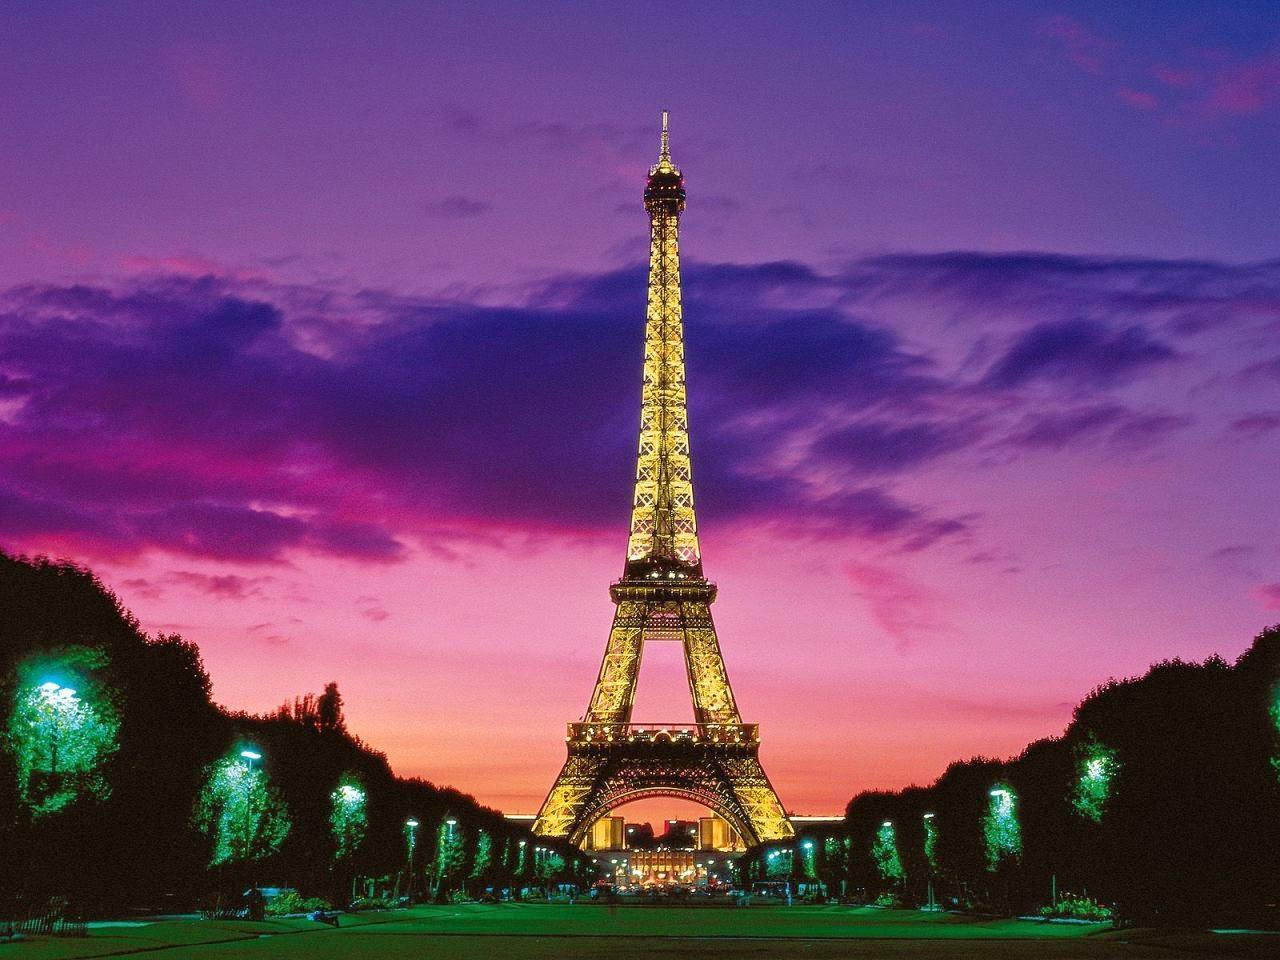 Melhores lugares para visitar na Europa durante os invernos